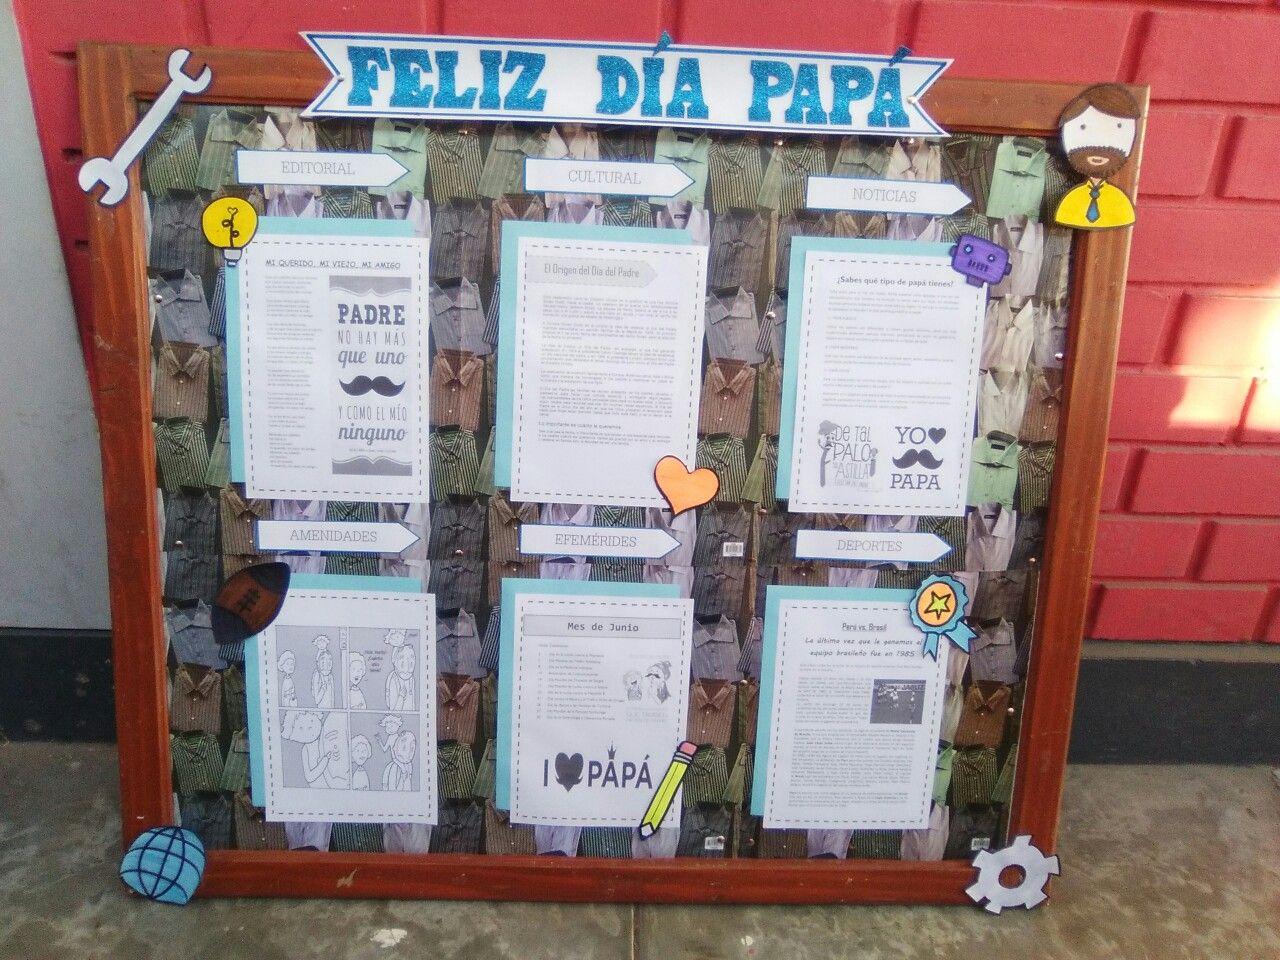 periodico mural para el dia del padre con los contenidos